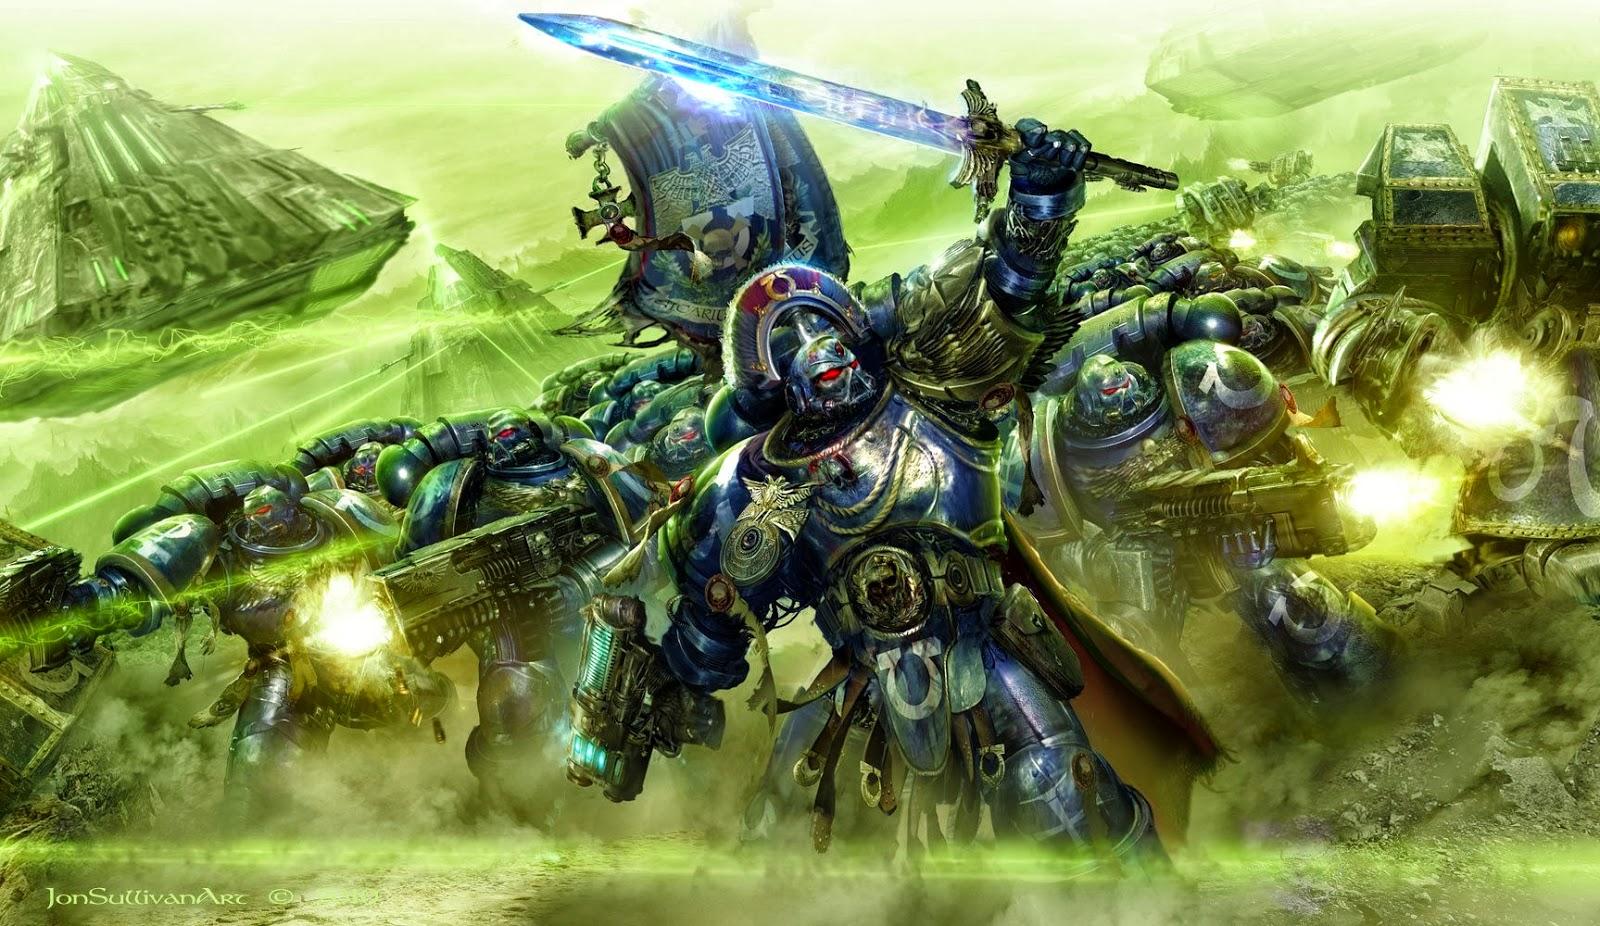 Imperial Guard Wallpaper - WallpaperSafari